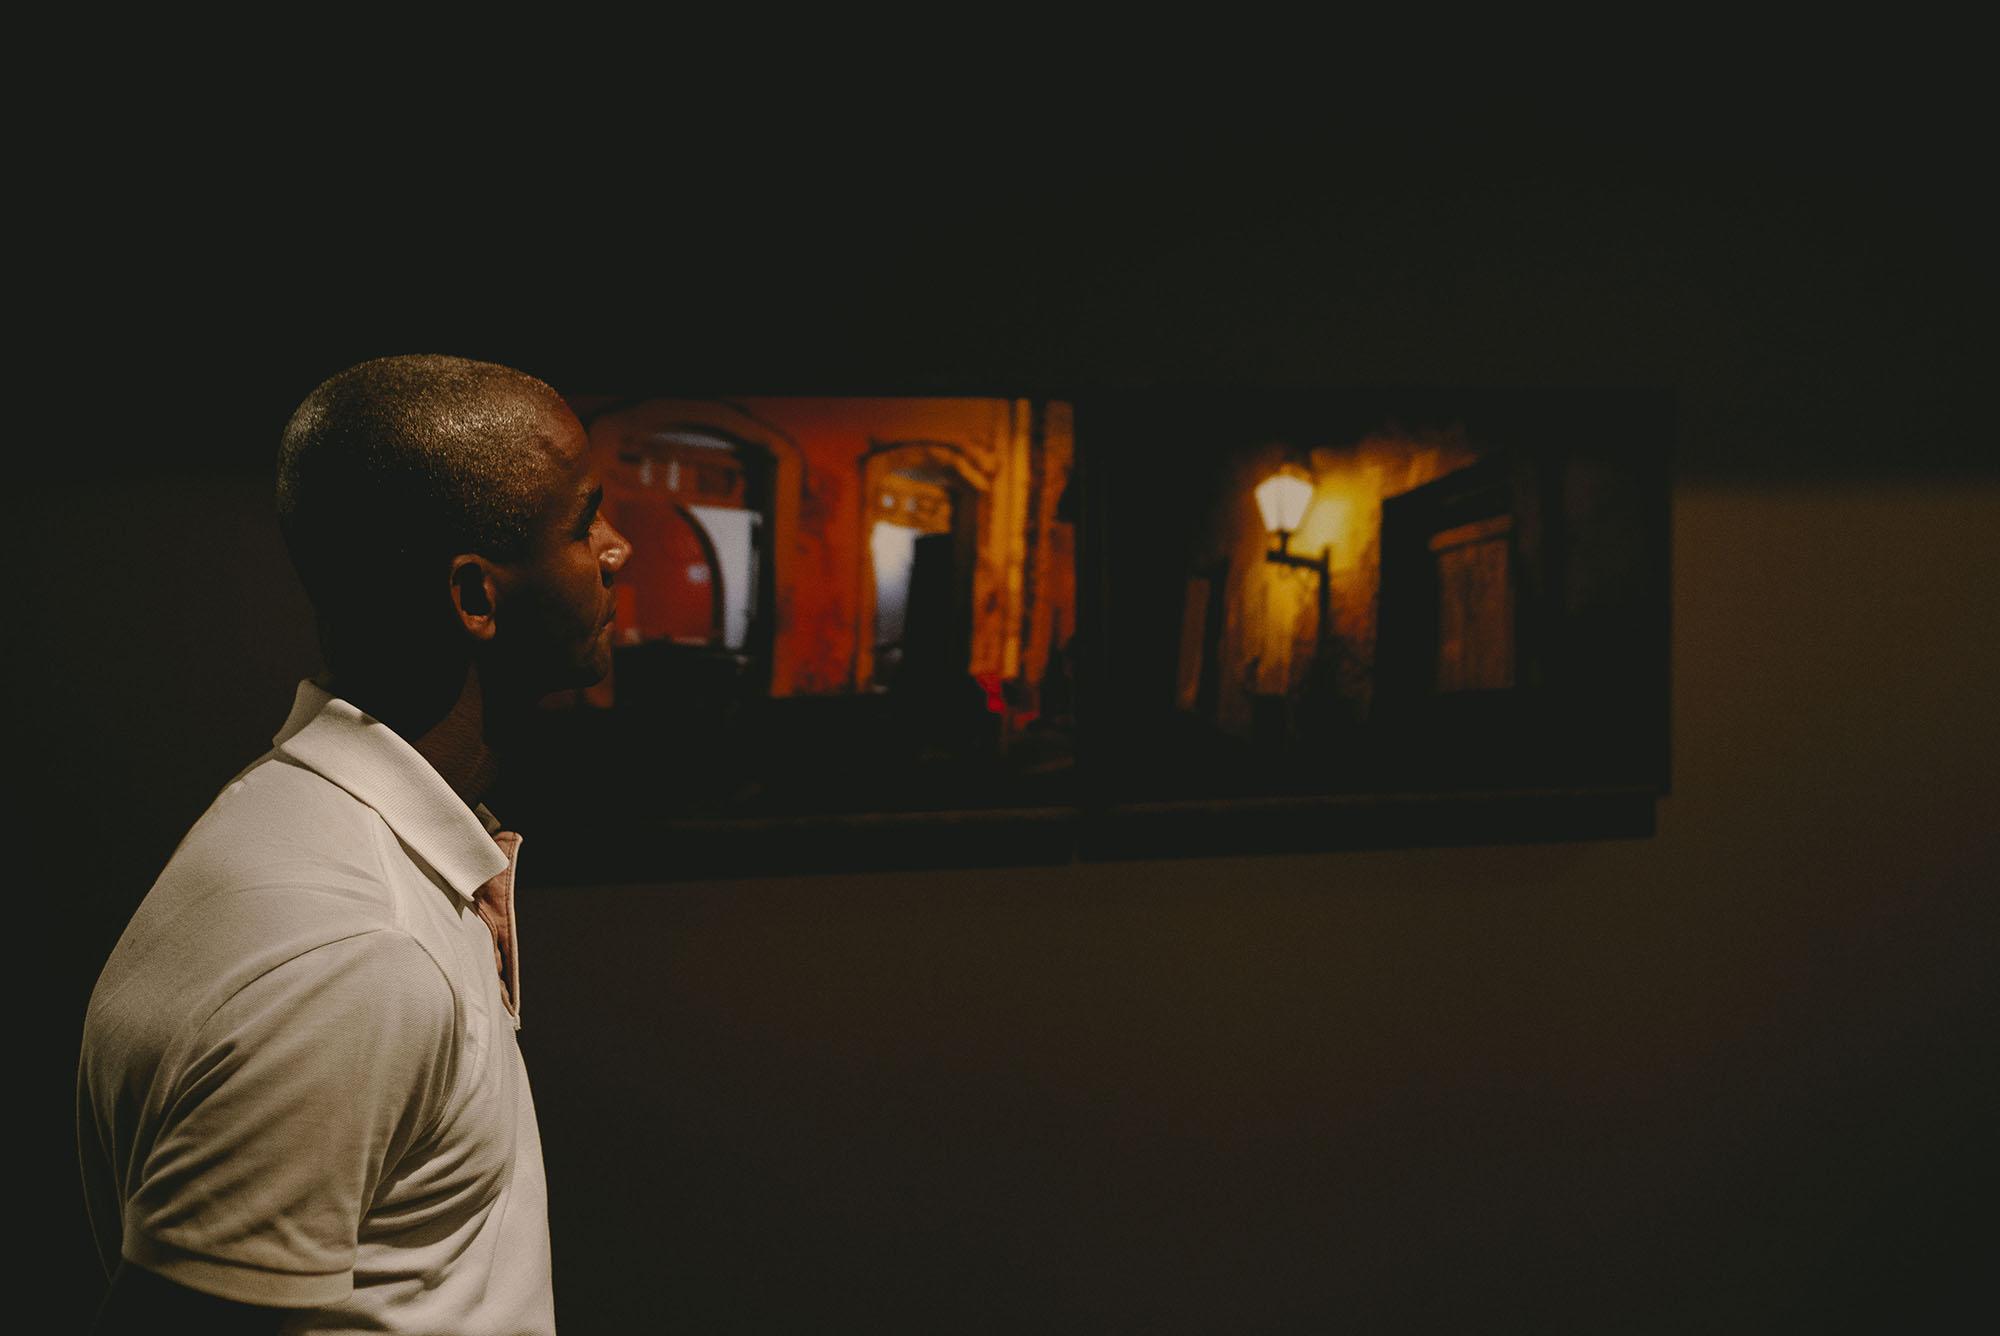 Visões-de-um-poema-sujo : exposição-lançamento-livro : Márcio Vasconcelos : Gustavo Semeghini : Blog -020.jpg